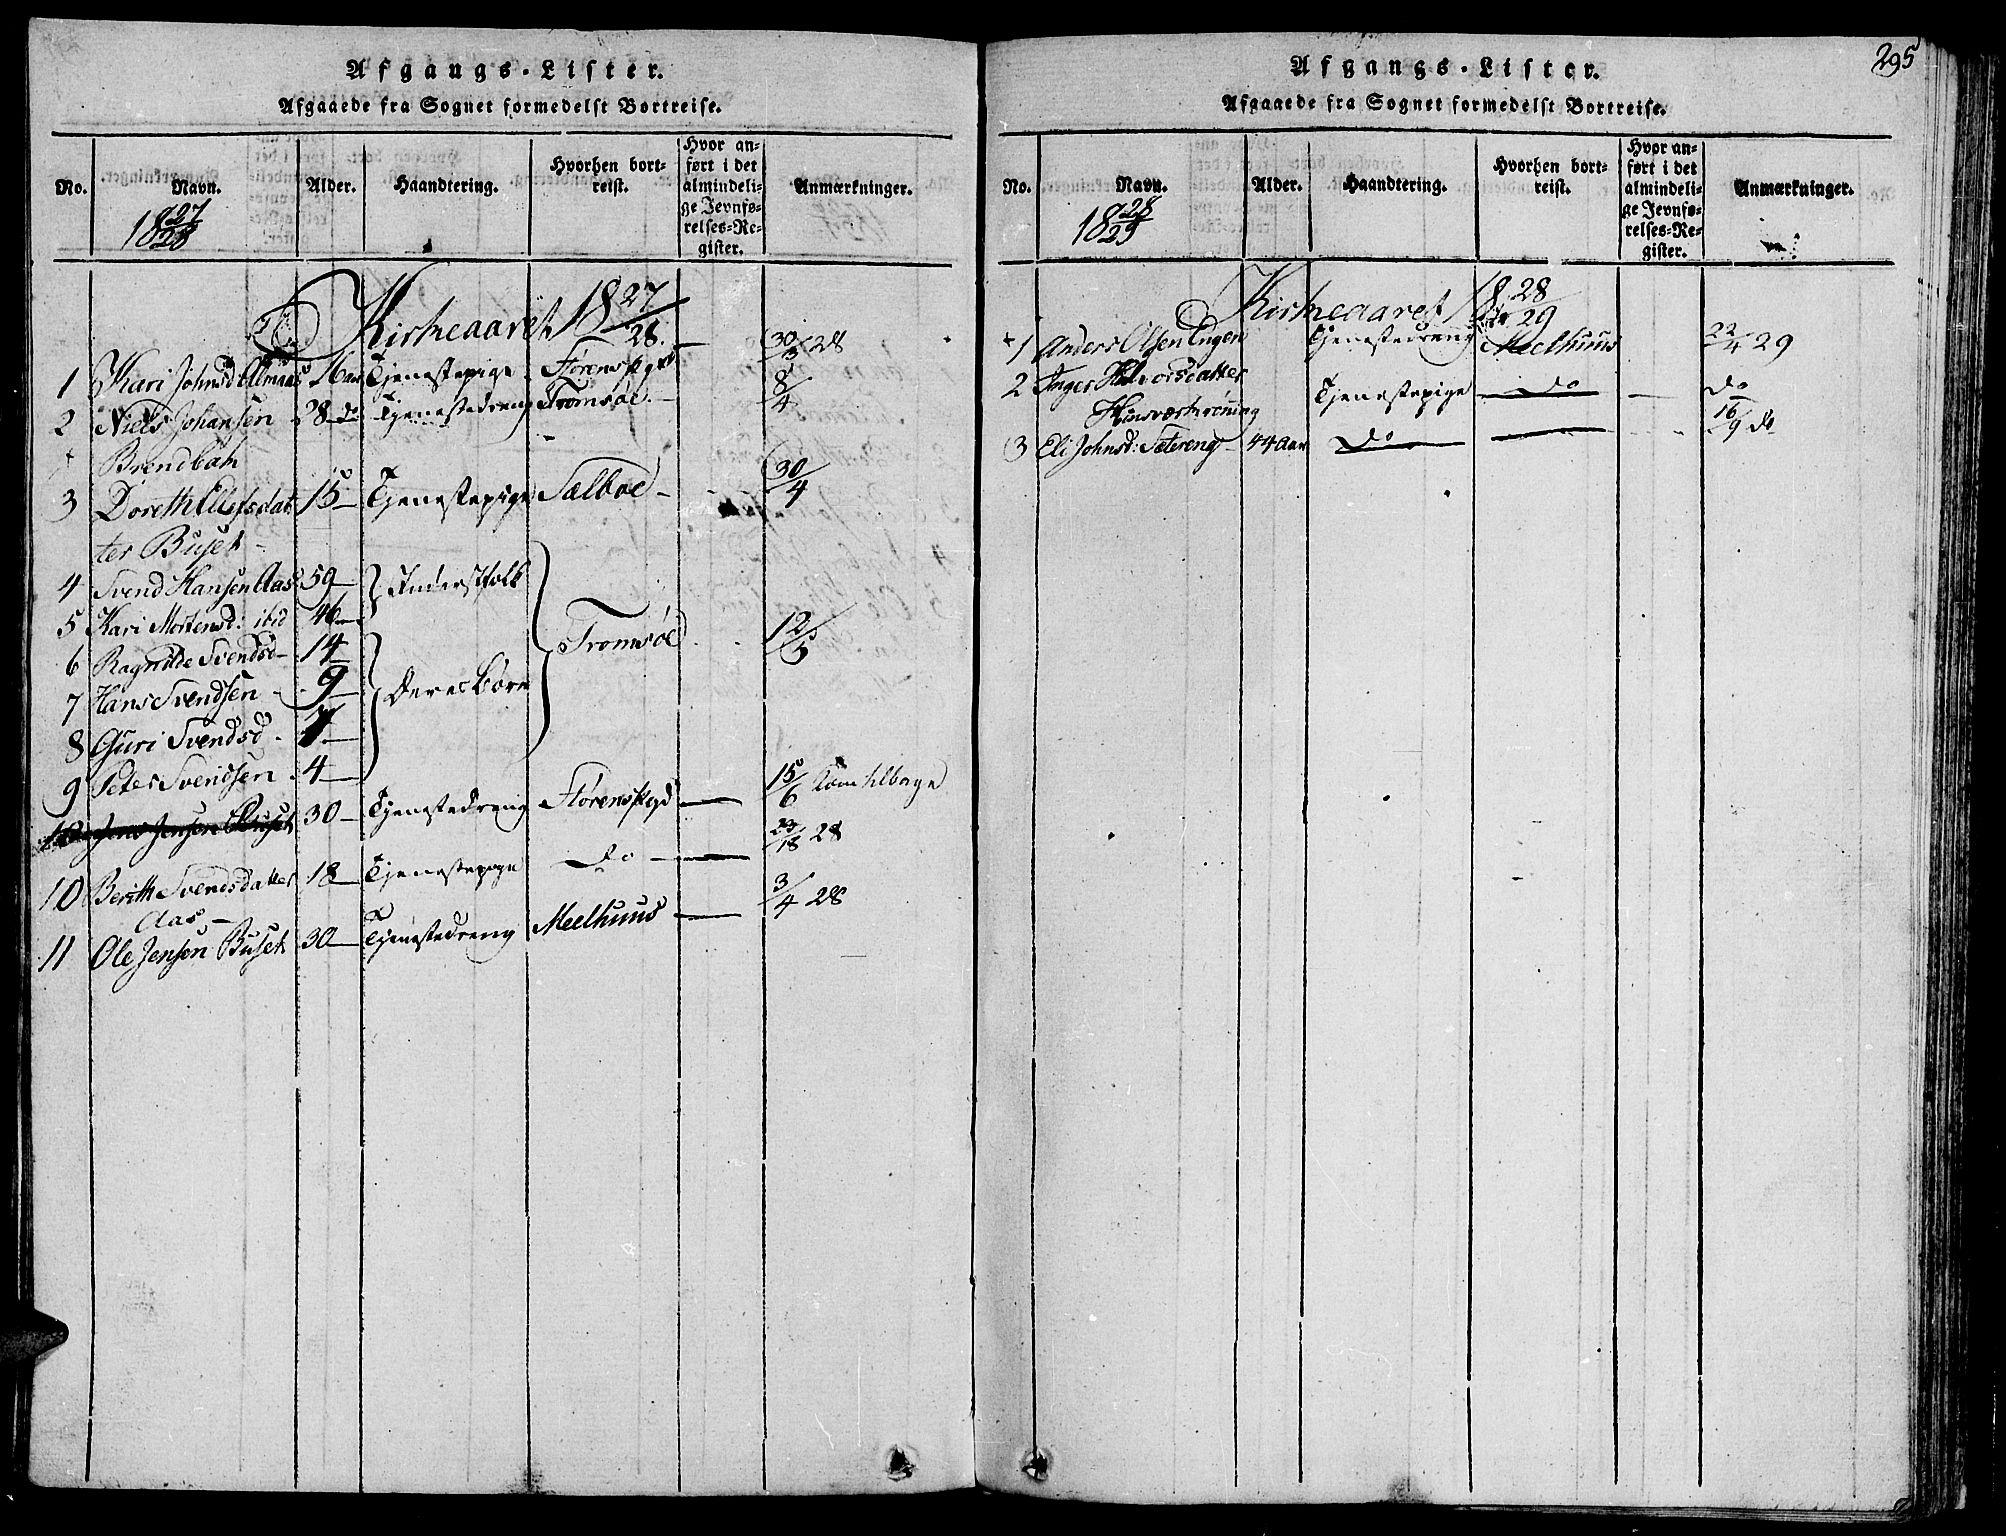 SAT, Ministerialprotokoller, klokkerbøker og fødselsregistre - Sør-Trøndelag, 685/L0955: Ministerialbok nr. 685A03 /2, 1817-1829, s. 295